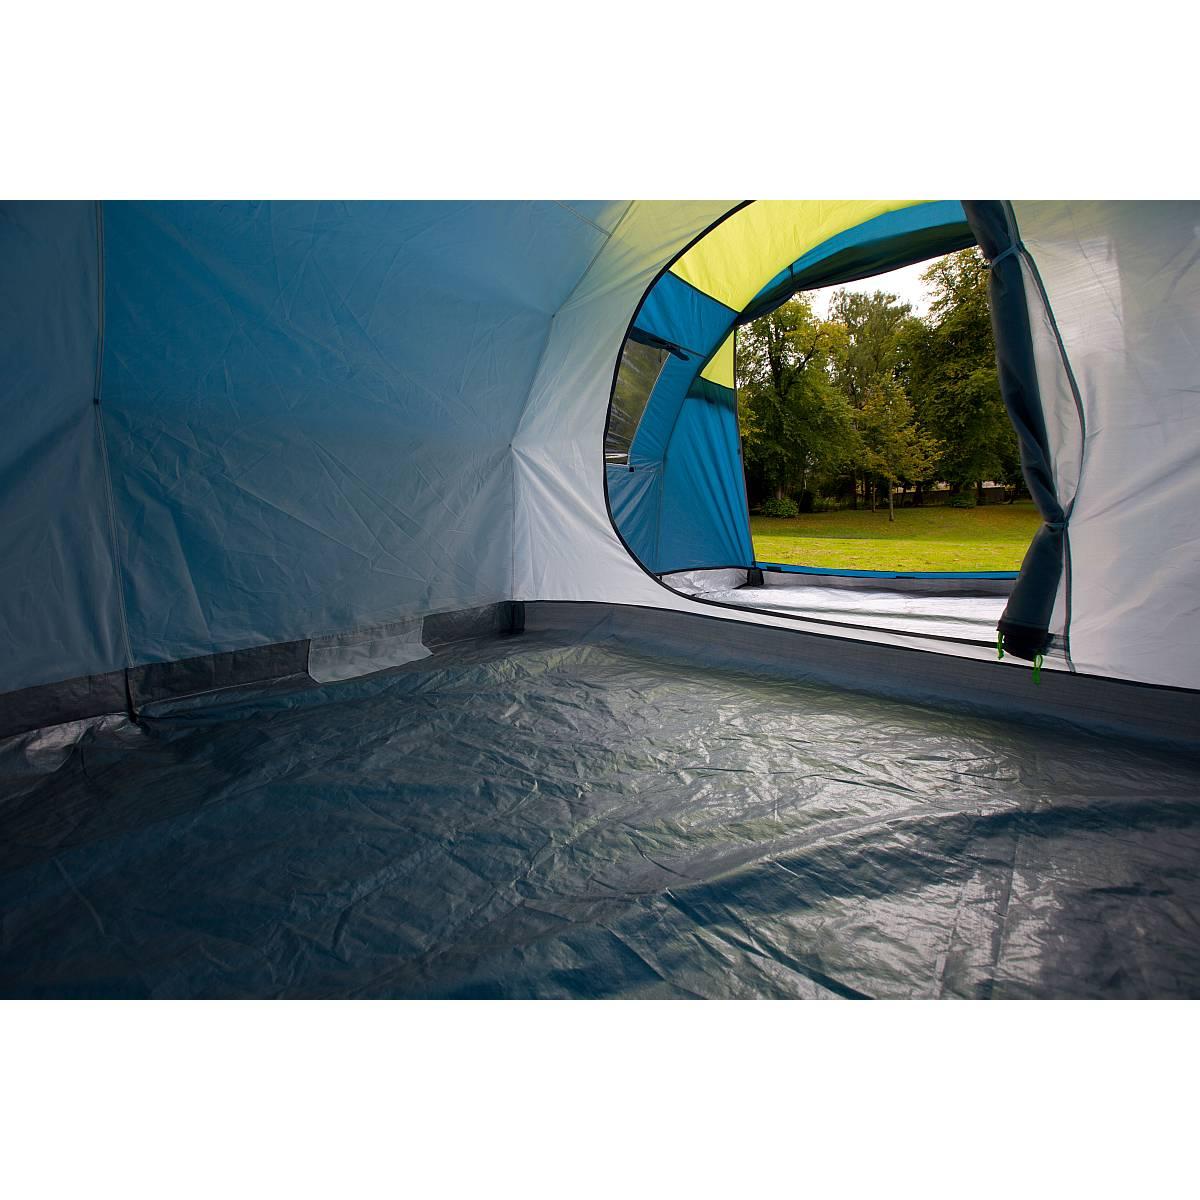 Trespass Caterthun 4 tält | Fruugo SE